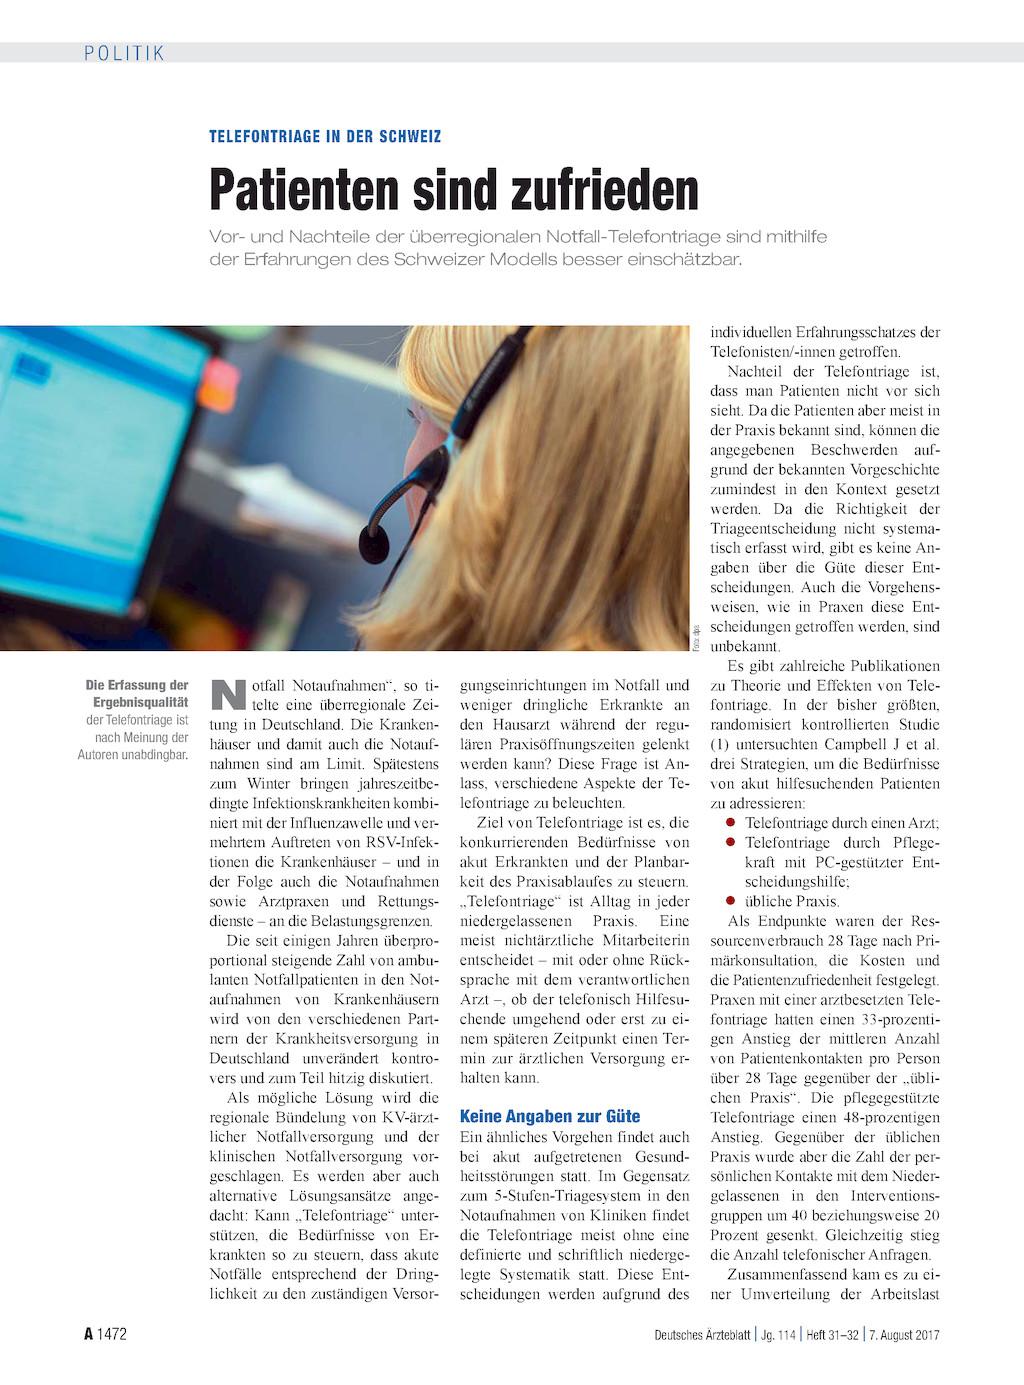 Telefontriage in der schweiz patienten sind zufrieden for Medizin studieren schweiz